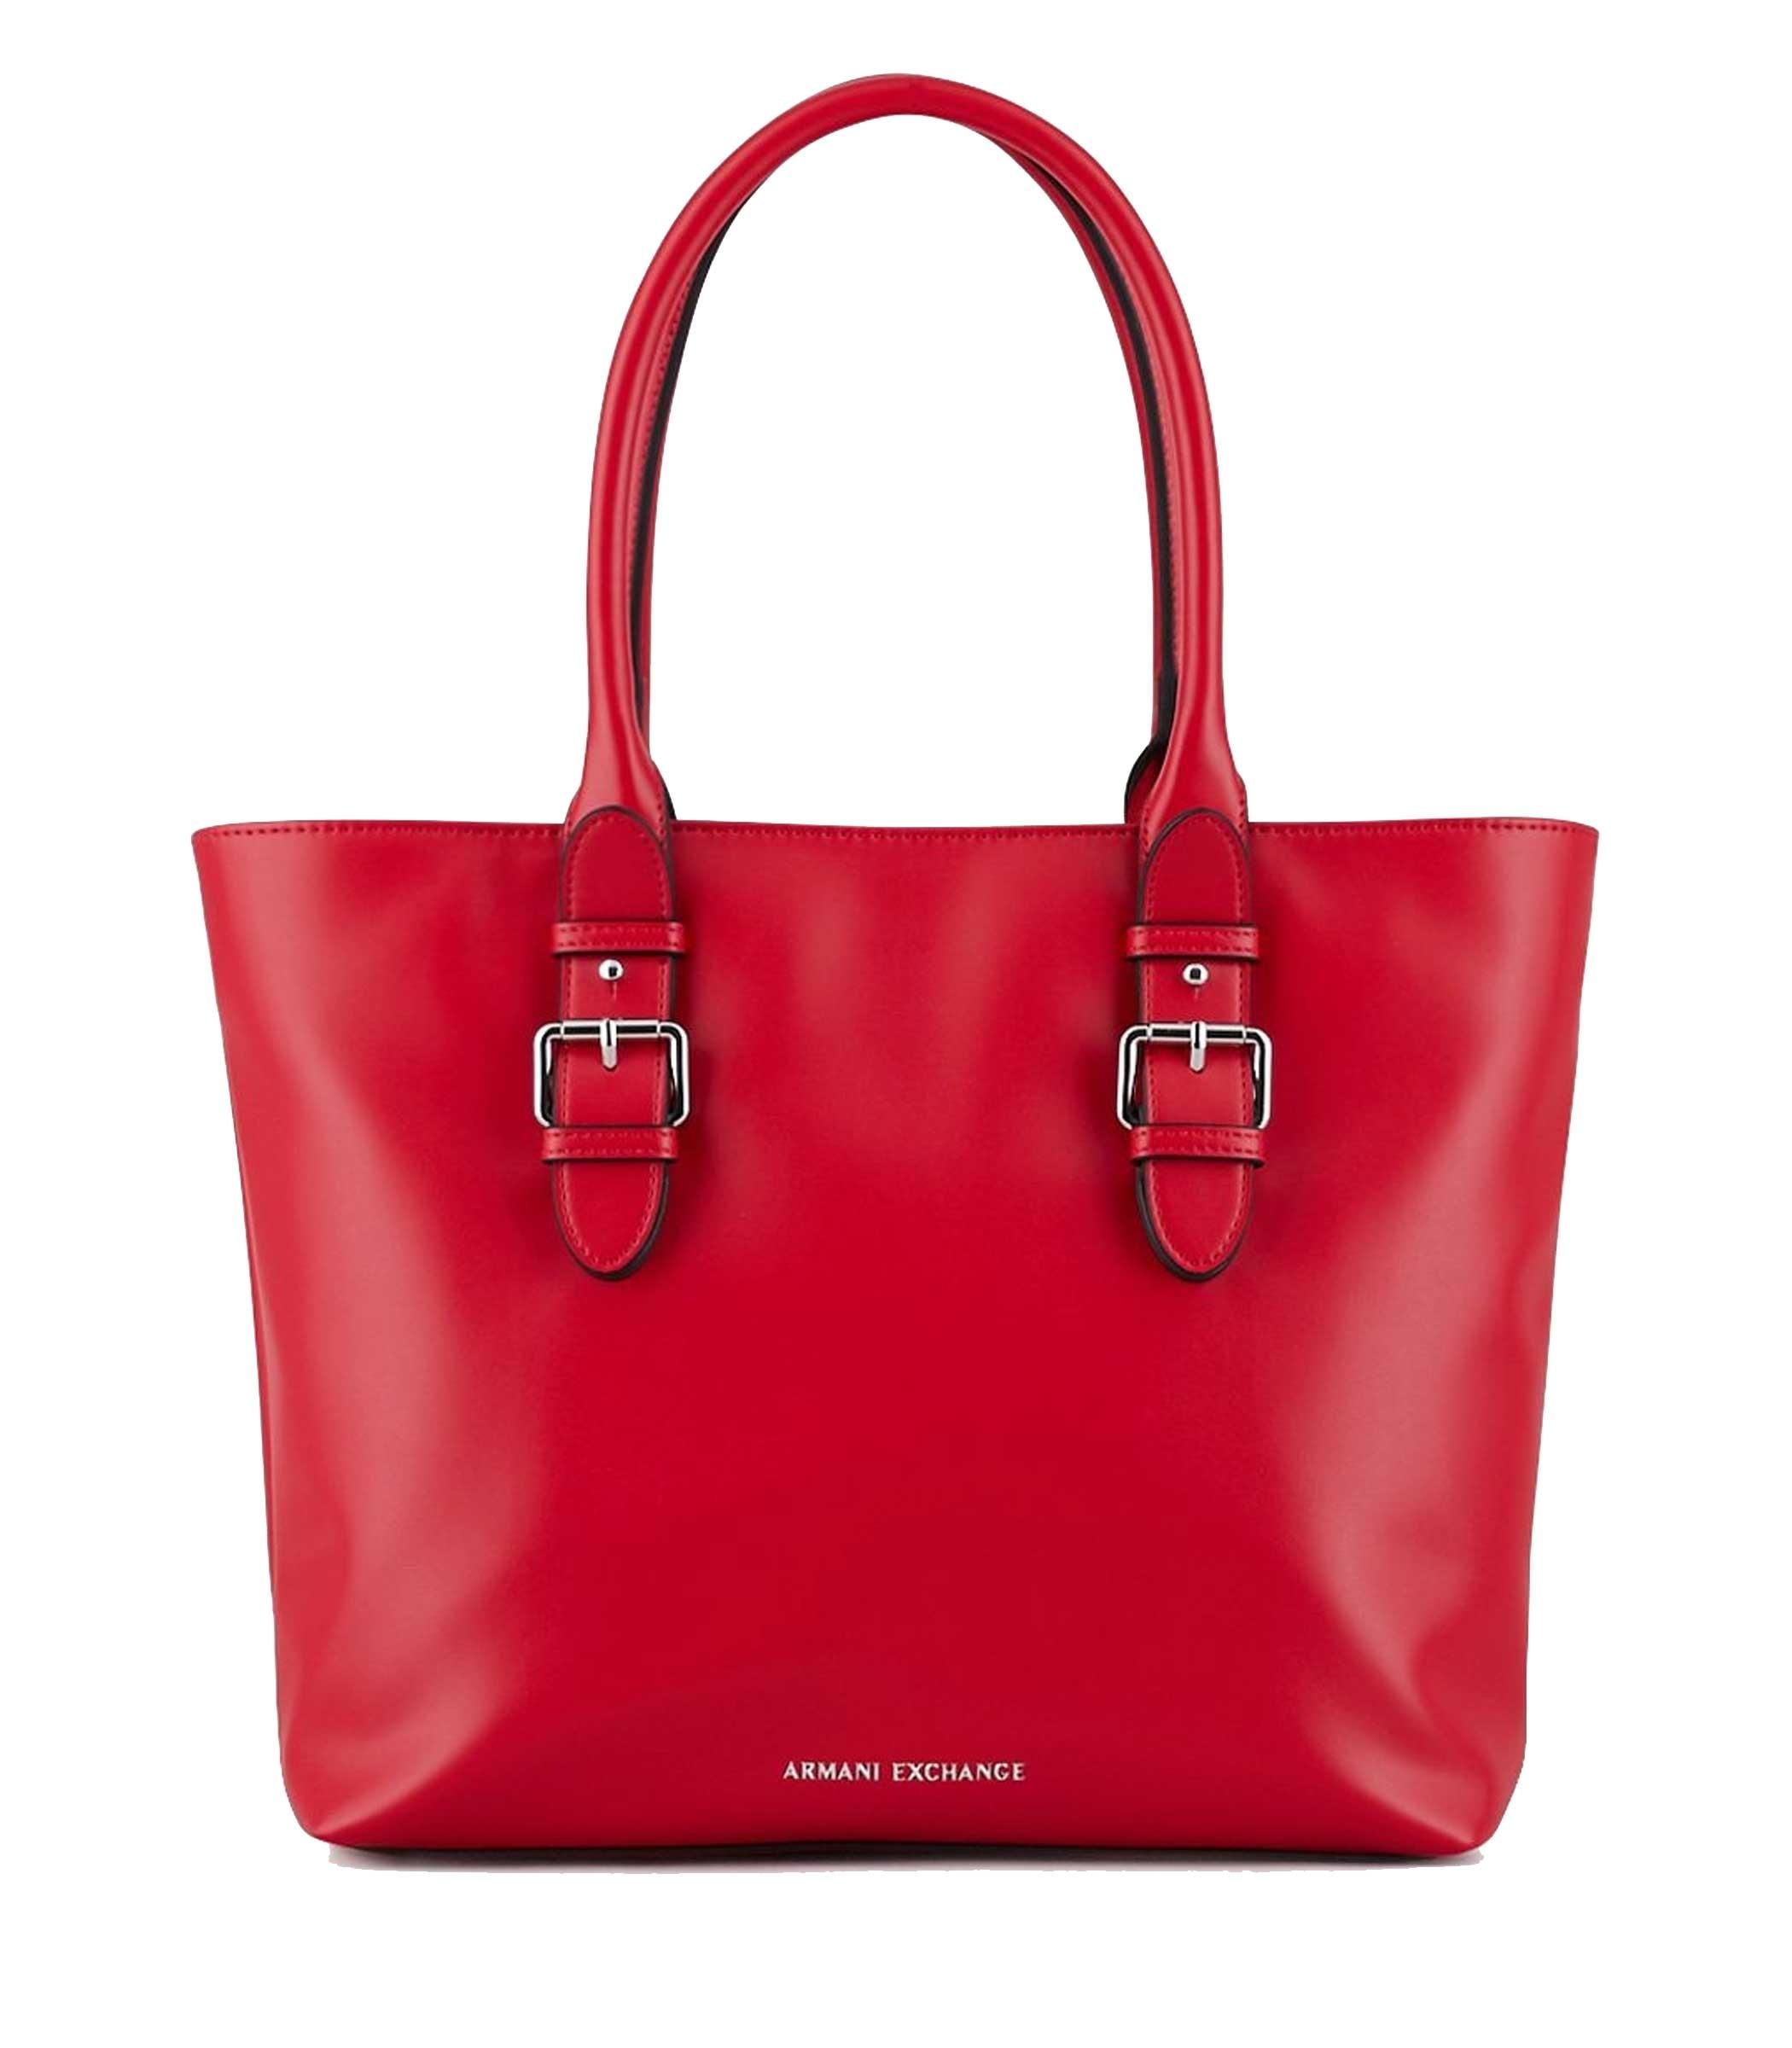 3ac99f0933 Borsa shopper Armani Exchange tote da donna nero rosso 942513 9P123